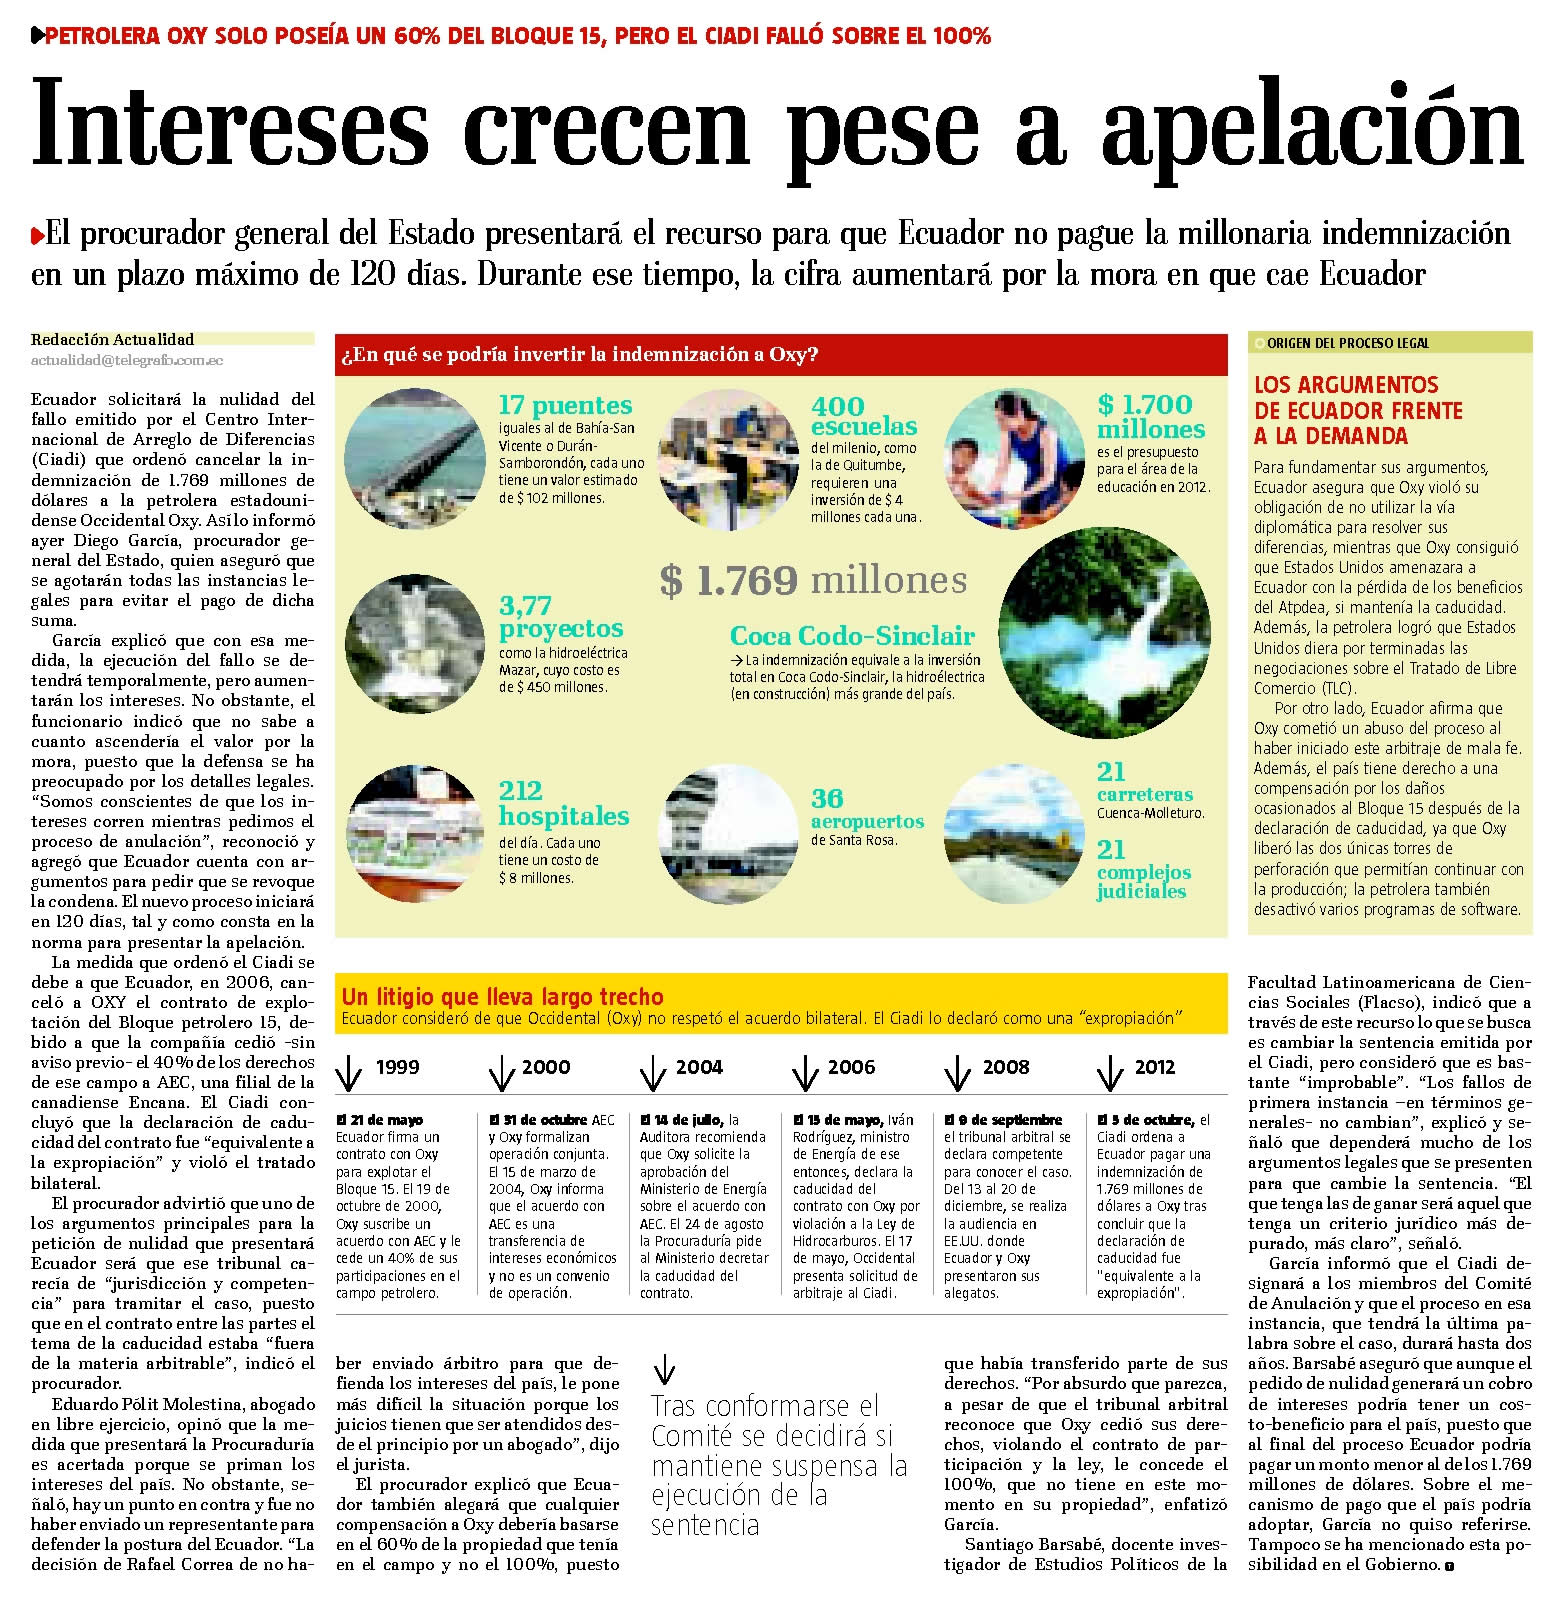 56-El telegrafo, Intereses crecen pese a apelacion 09 10